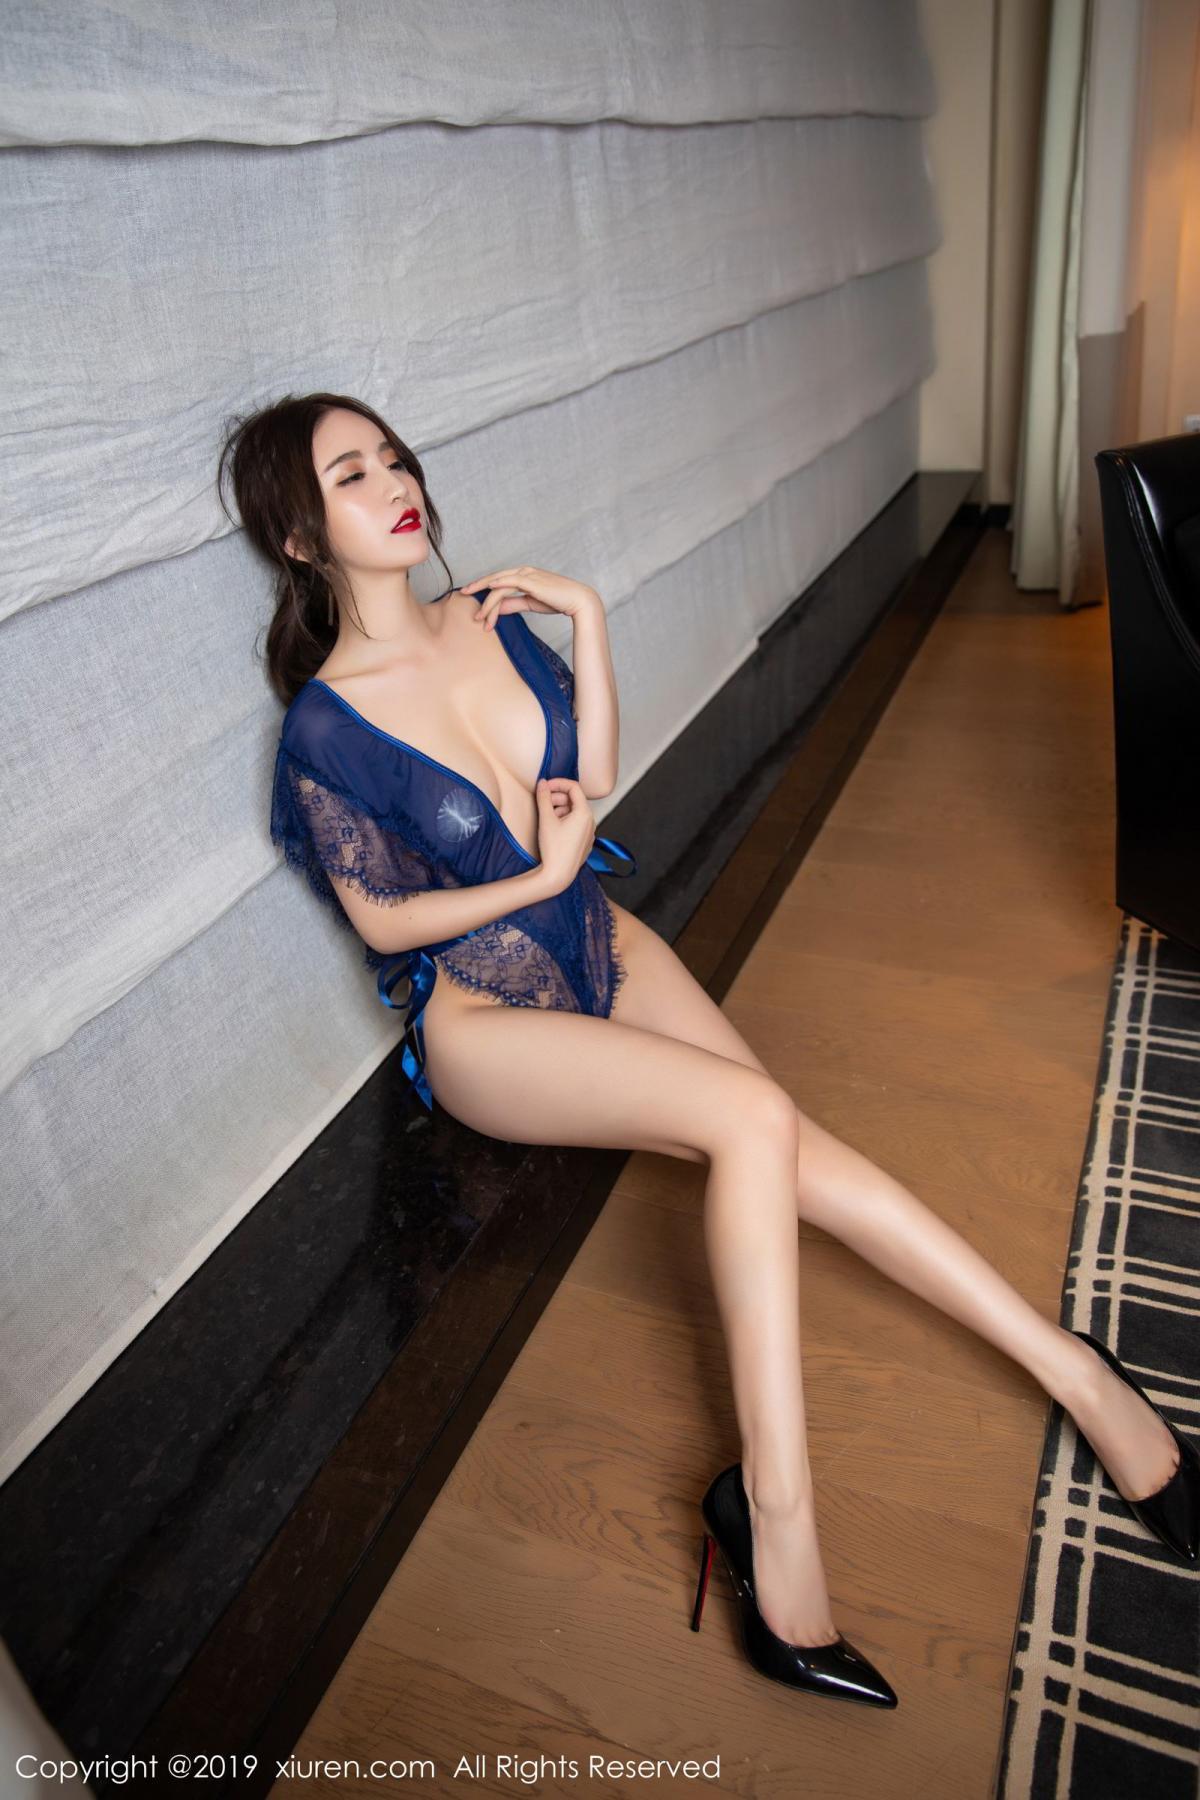 [XiuRen] Vol.1589 Xie Zhi Xin 59P, Sexy, Underwear, Xie Zhi Xin, Xiuren